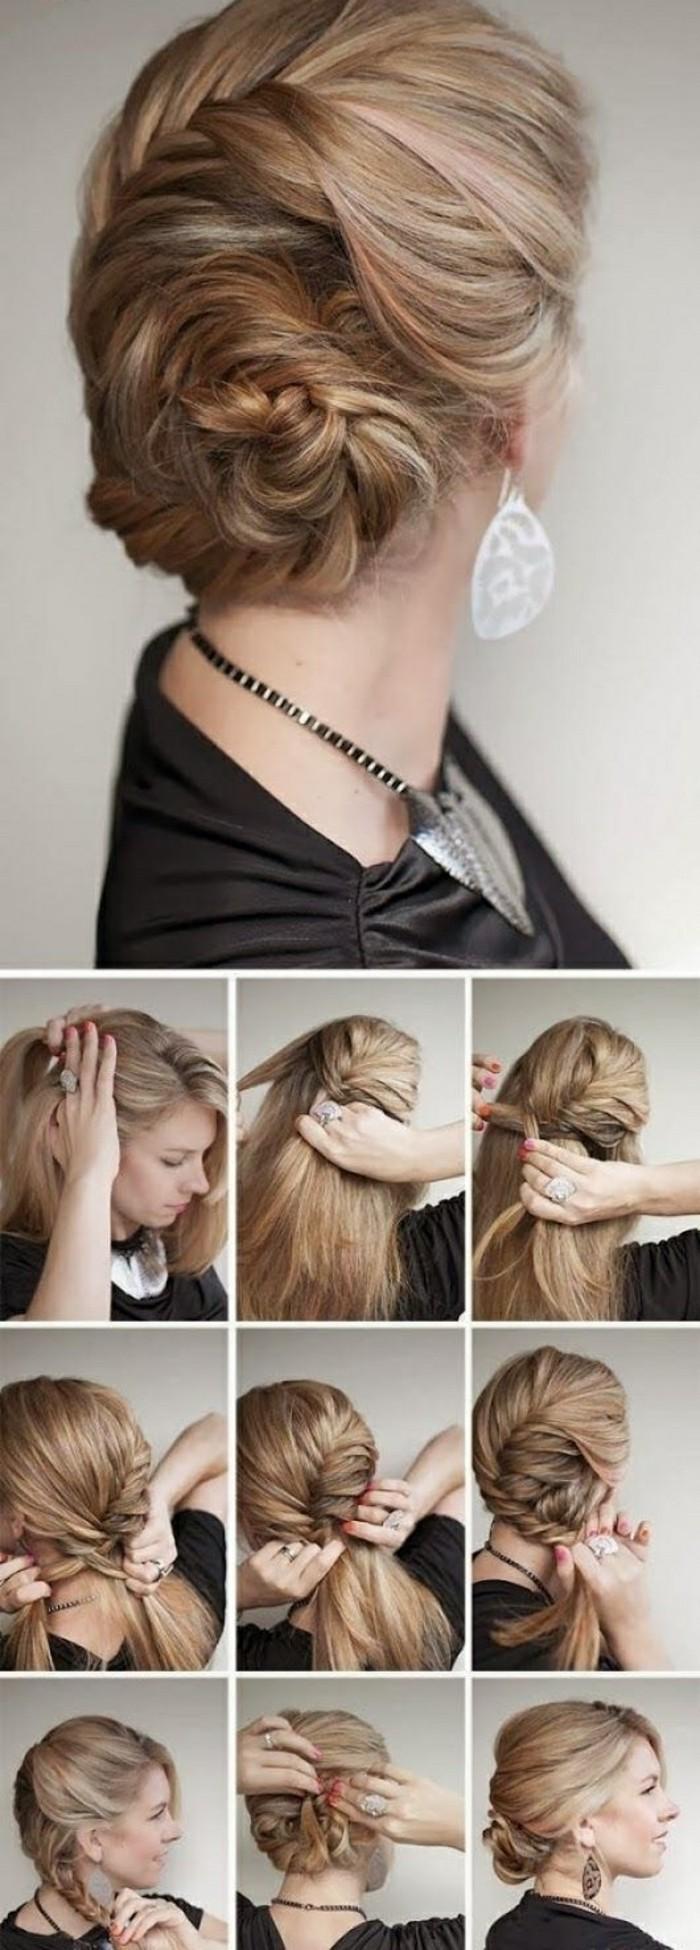 8-hochsteckfrisuren-selber-machen-blonde-haare-hochstecken-schwarze-bluse-große-ohrrige-kette